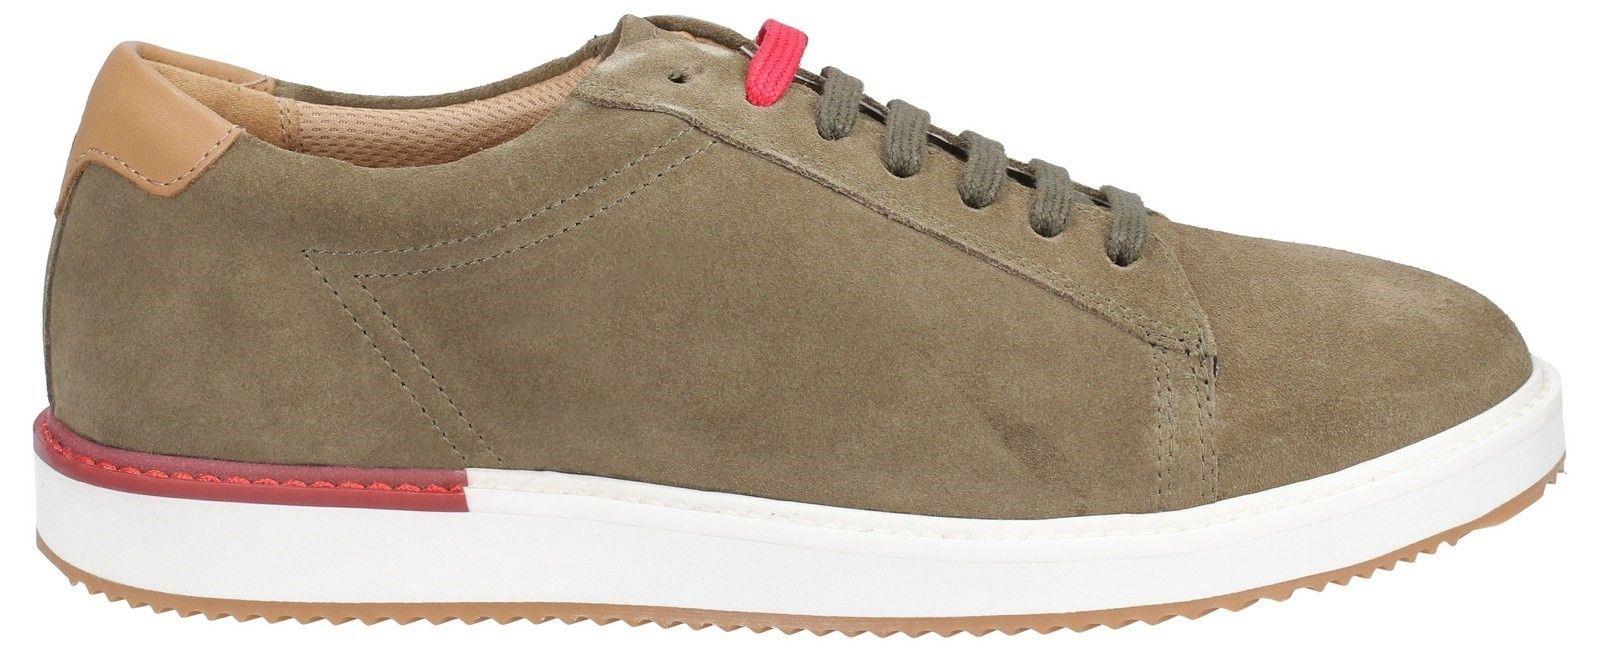 Heath BouncePLUS Lace Up Shoe